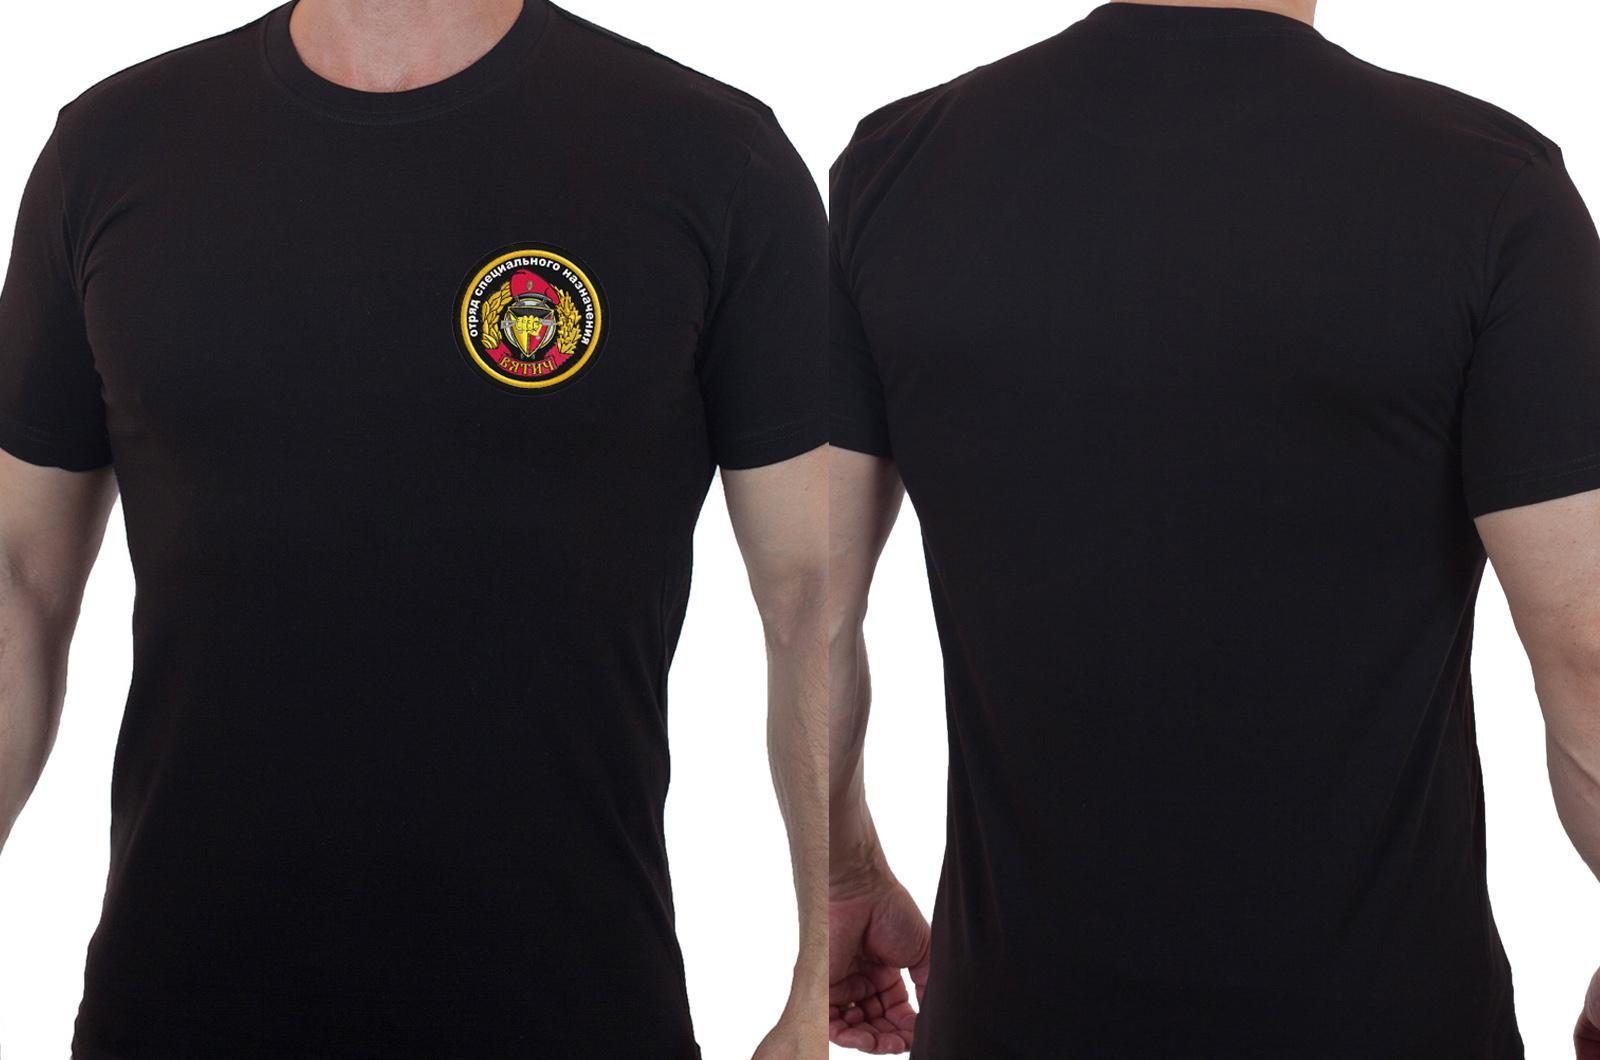 Хлопковая футболка  с вышитым шевроном ОСН Вятич - купить с доставкой